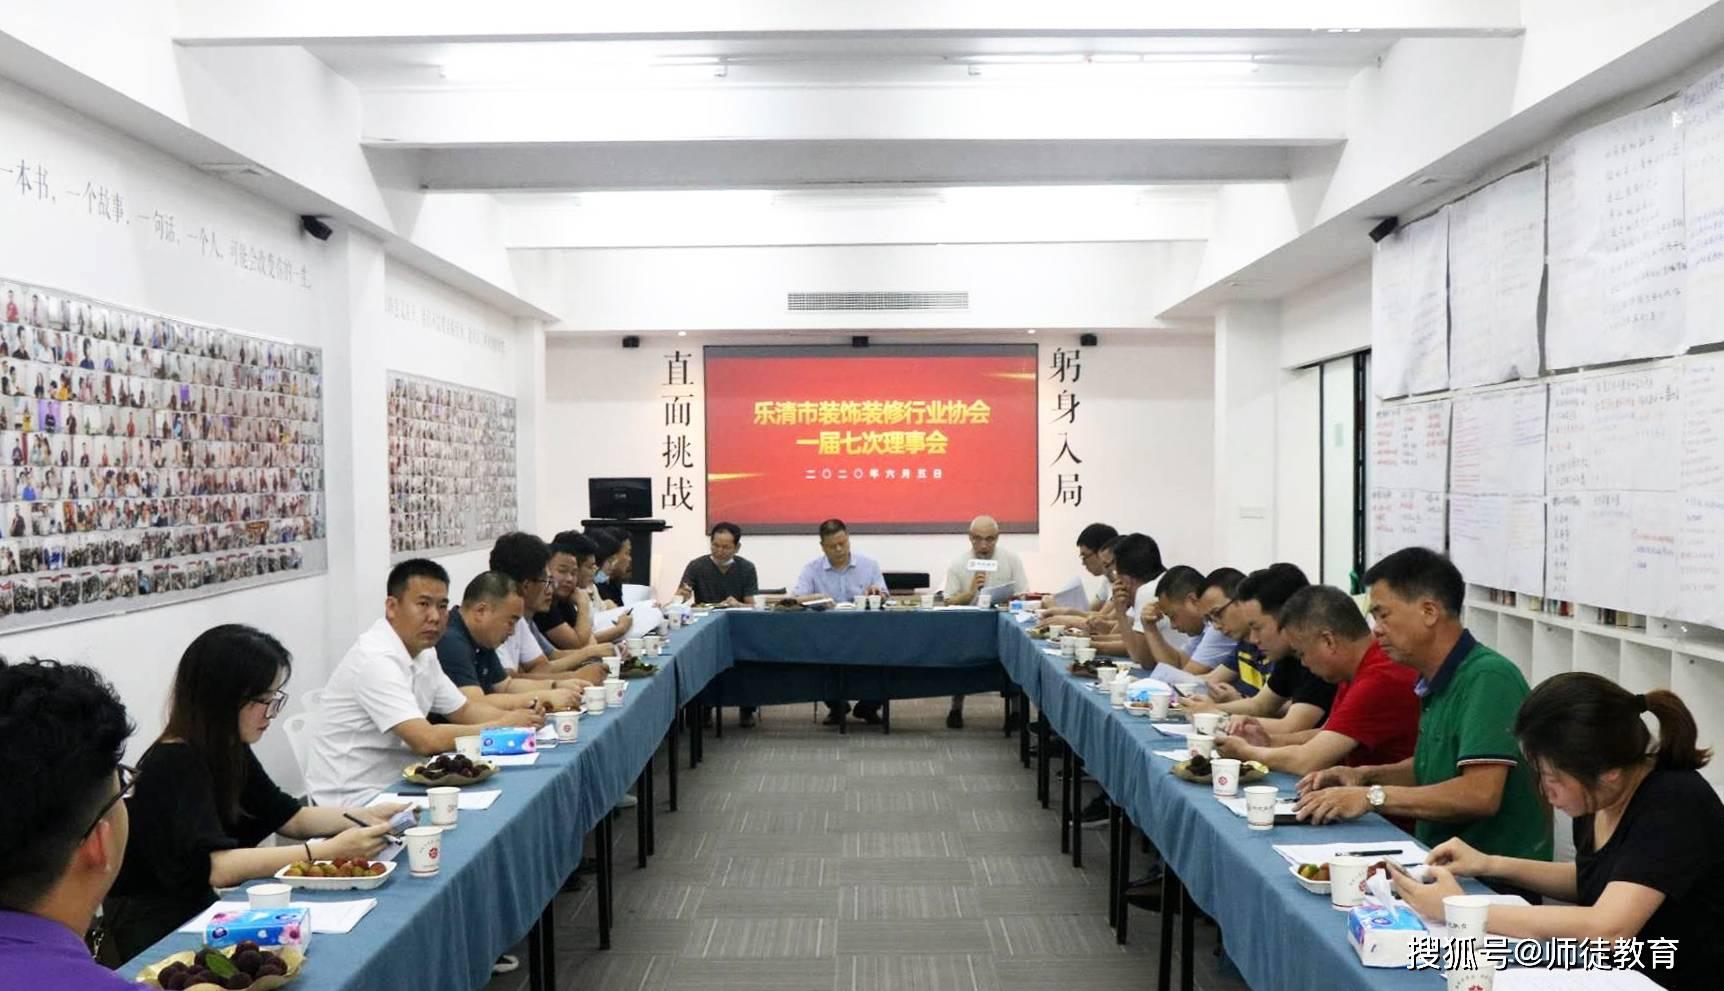 乐清市装饰装修协会一届七次理事会在师徒教育